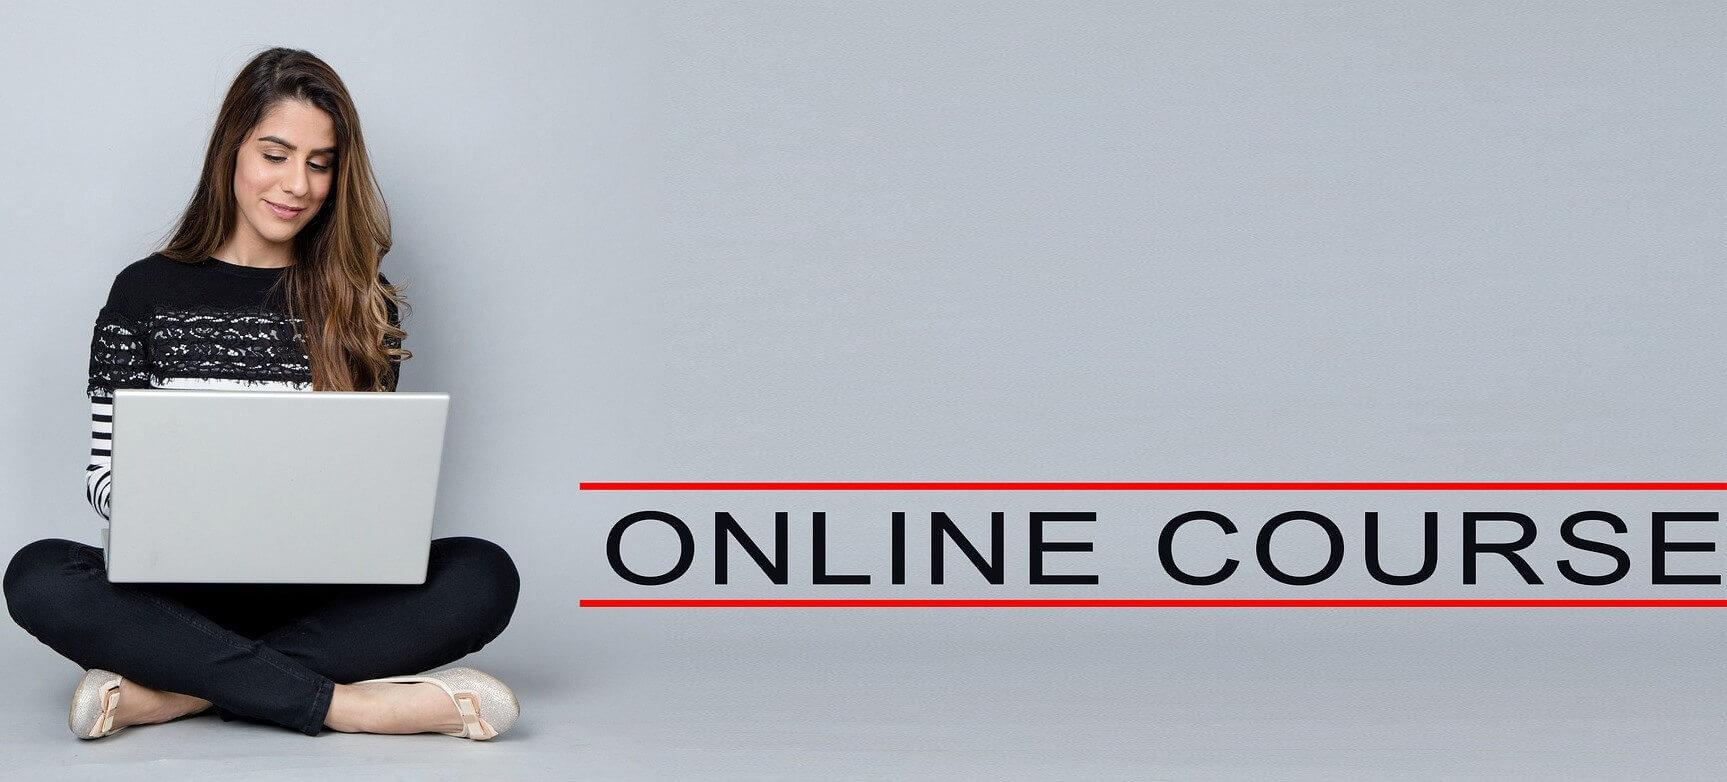 Курсы риэлторов: обучение с нуля онлайн | Мастерская риэлтора